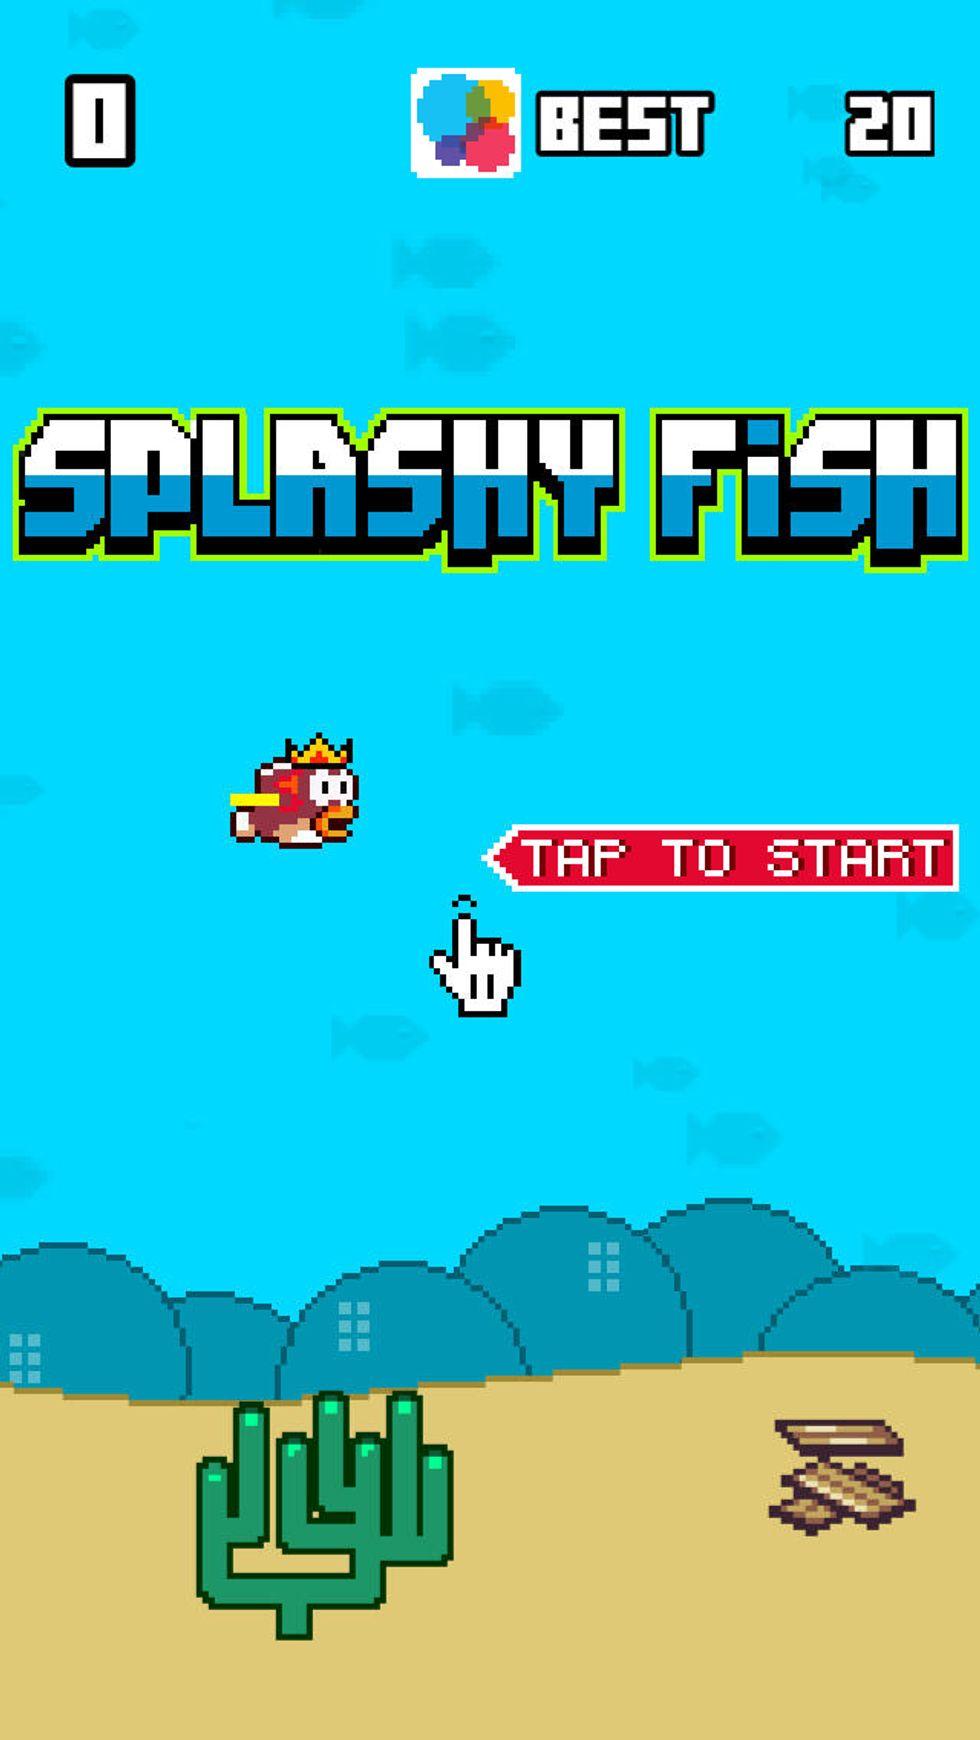 Flappy Bird, ecco i 5 cloni più gettonati del momento